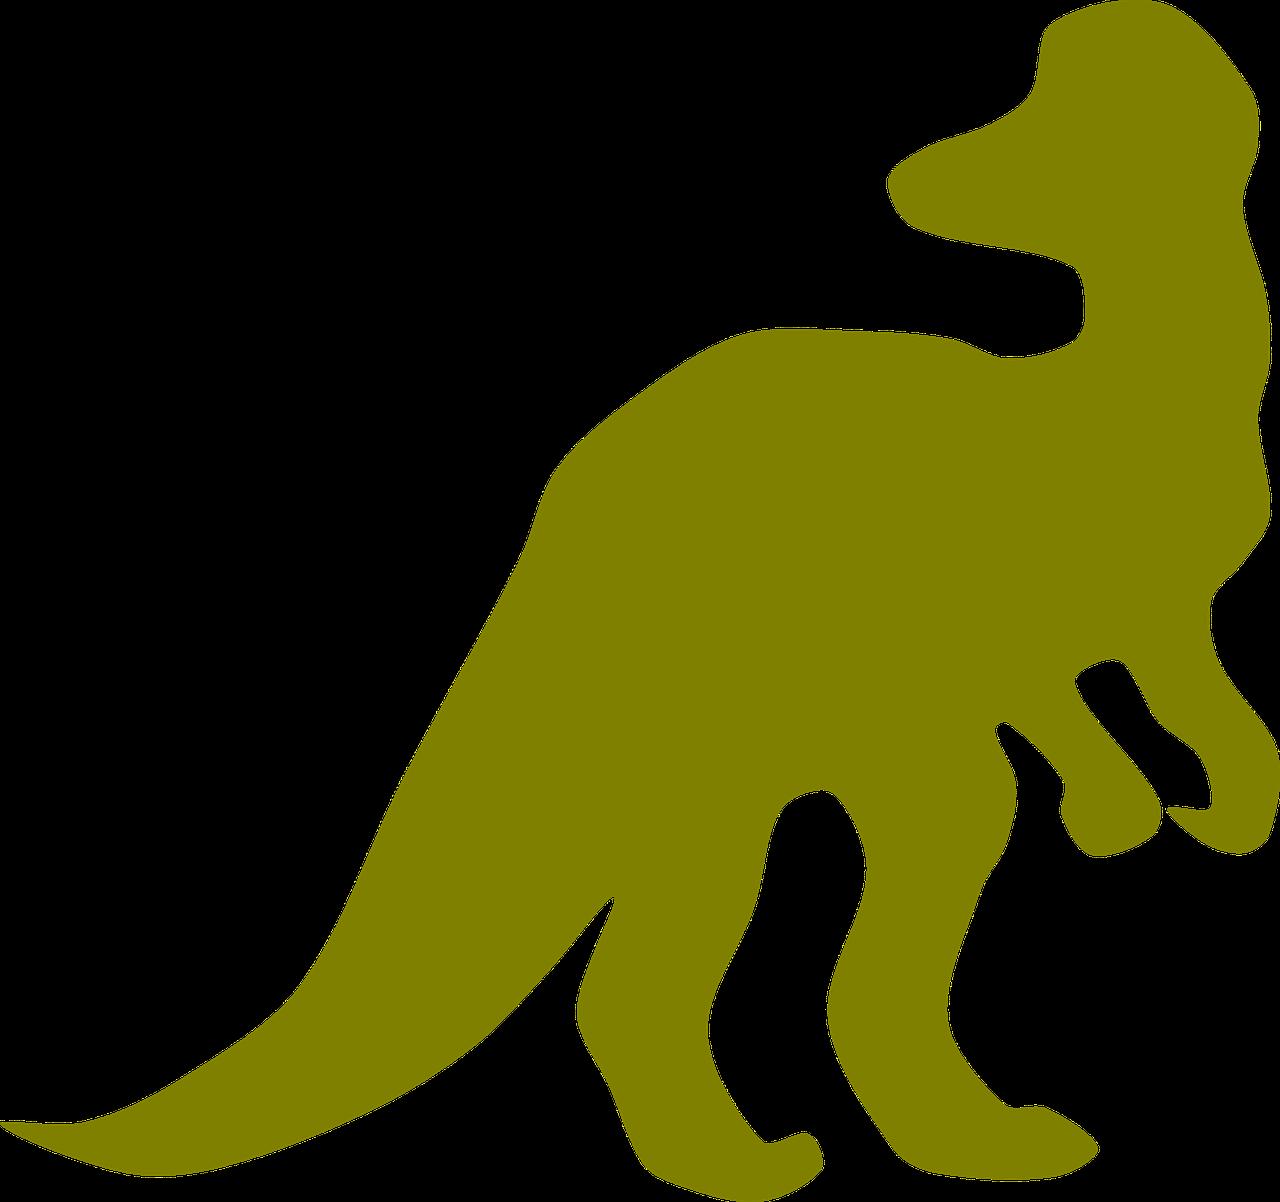 Картинки динозаврика из лайка, открытки марта распечатать